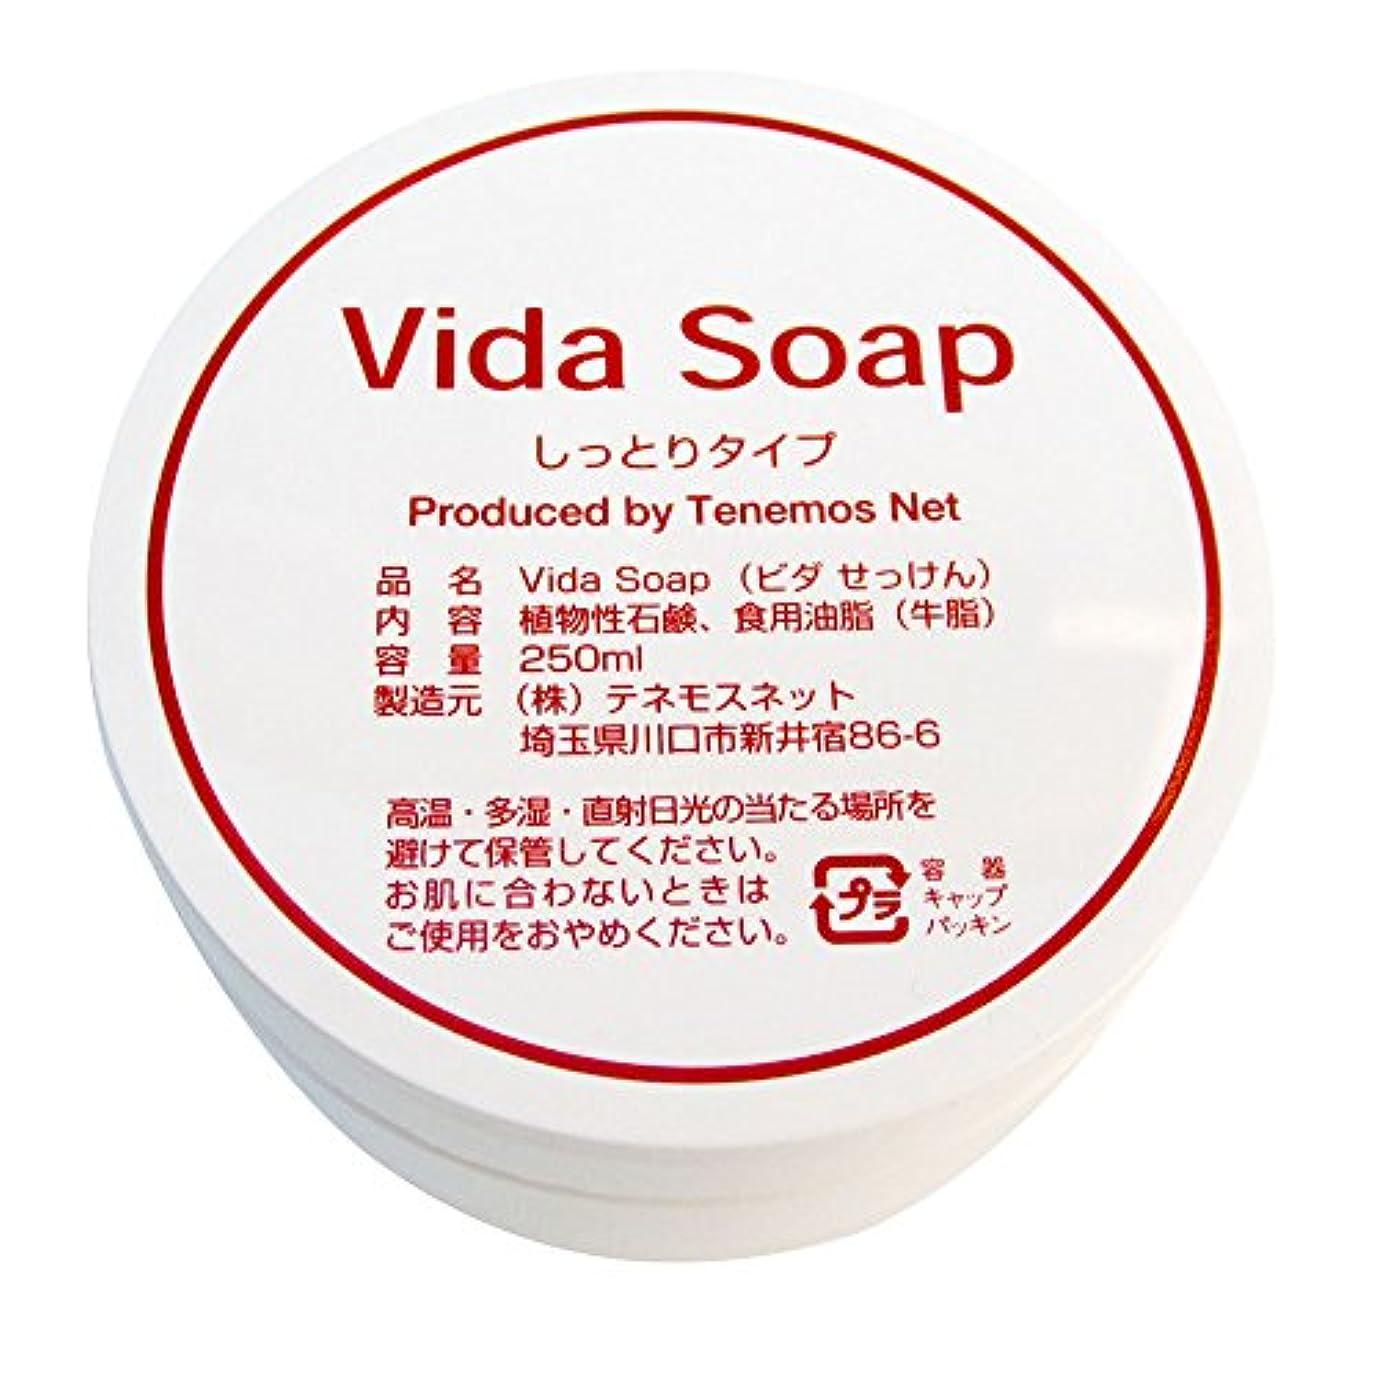 解放ベックス締めるテネモス ビダせっけん Vida Soap しっとりノーマル 動物性 250ml